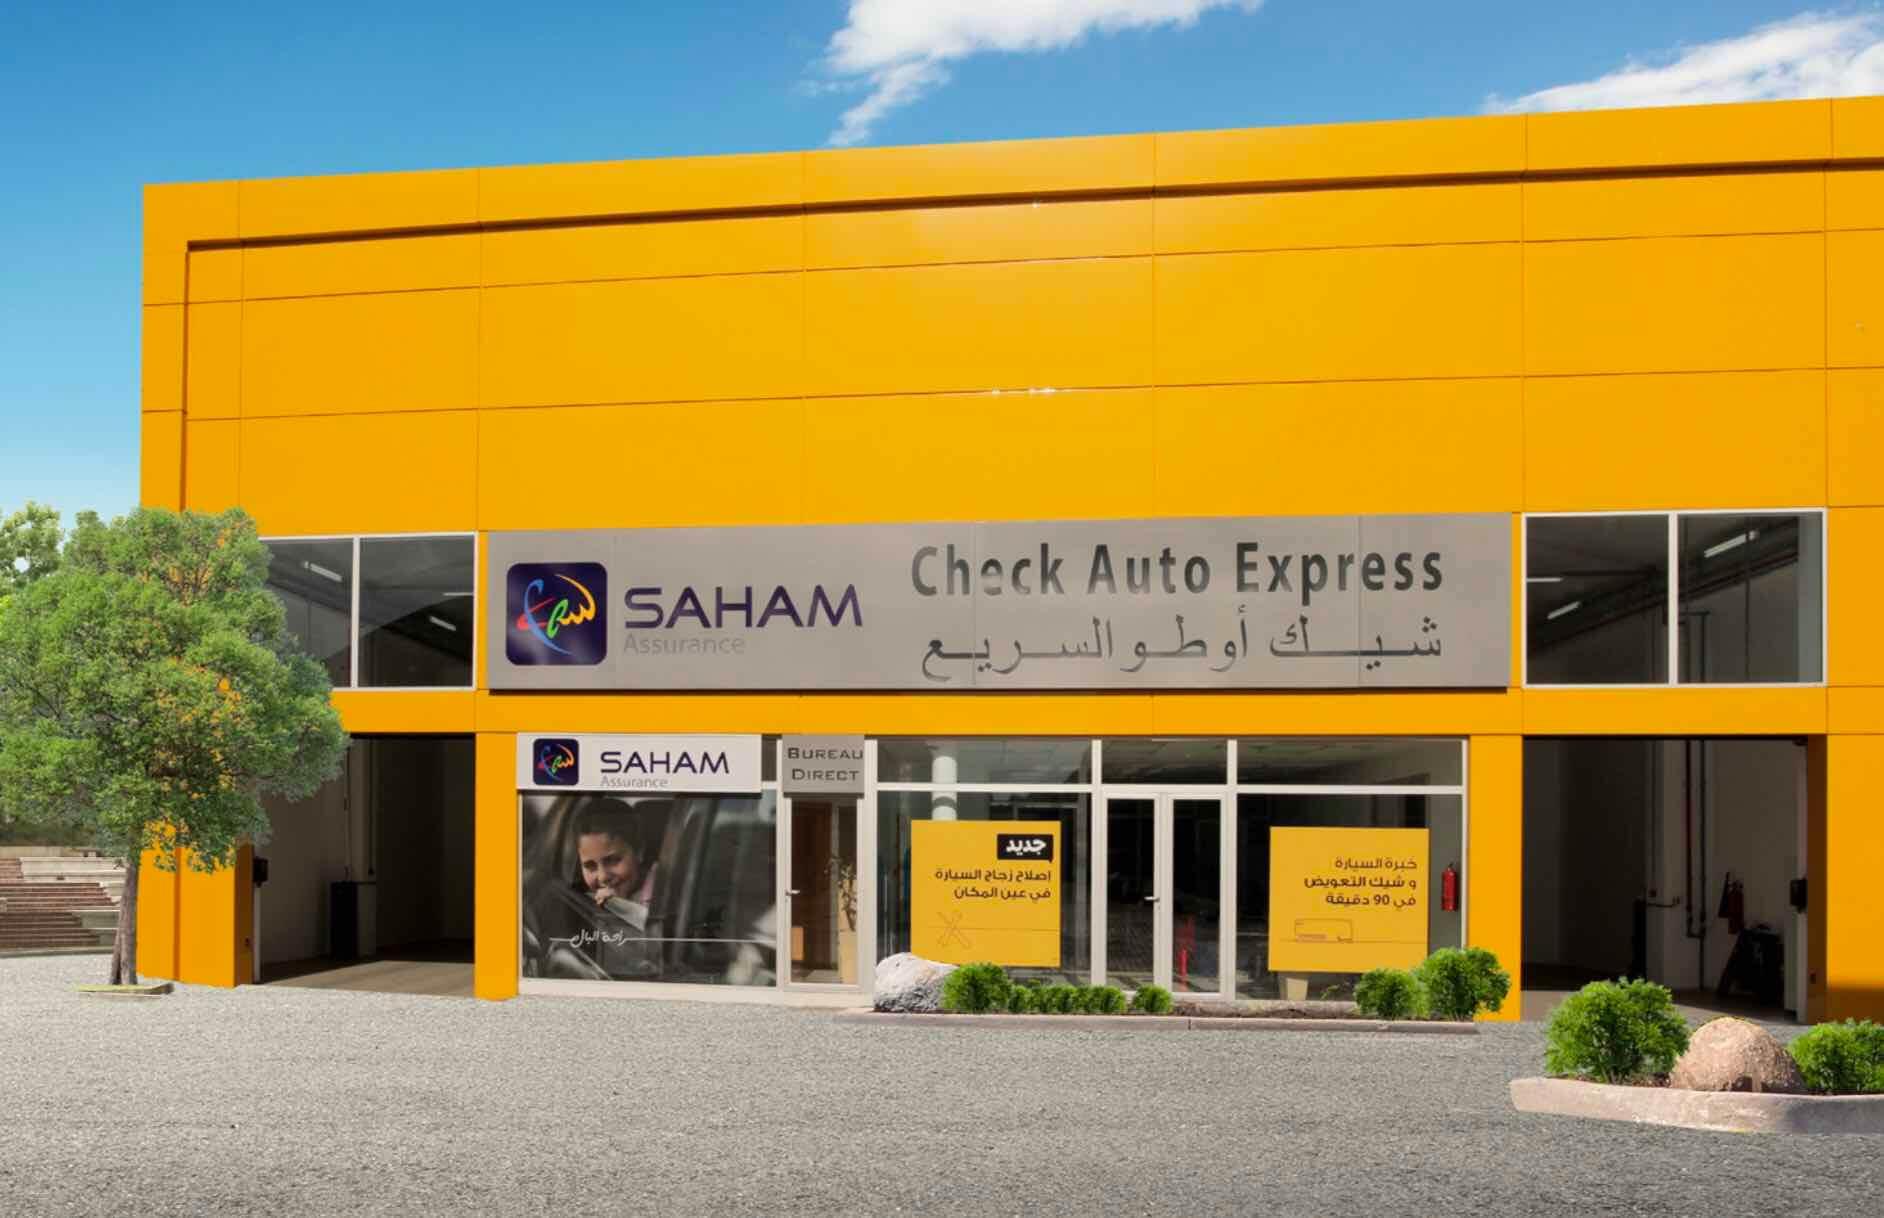 saham-assurance-check-auto-express